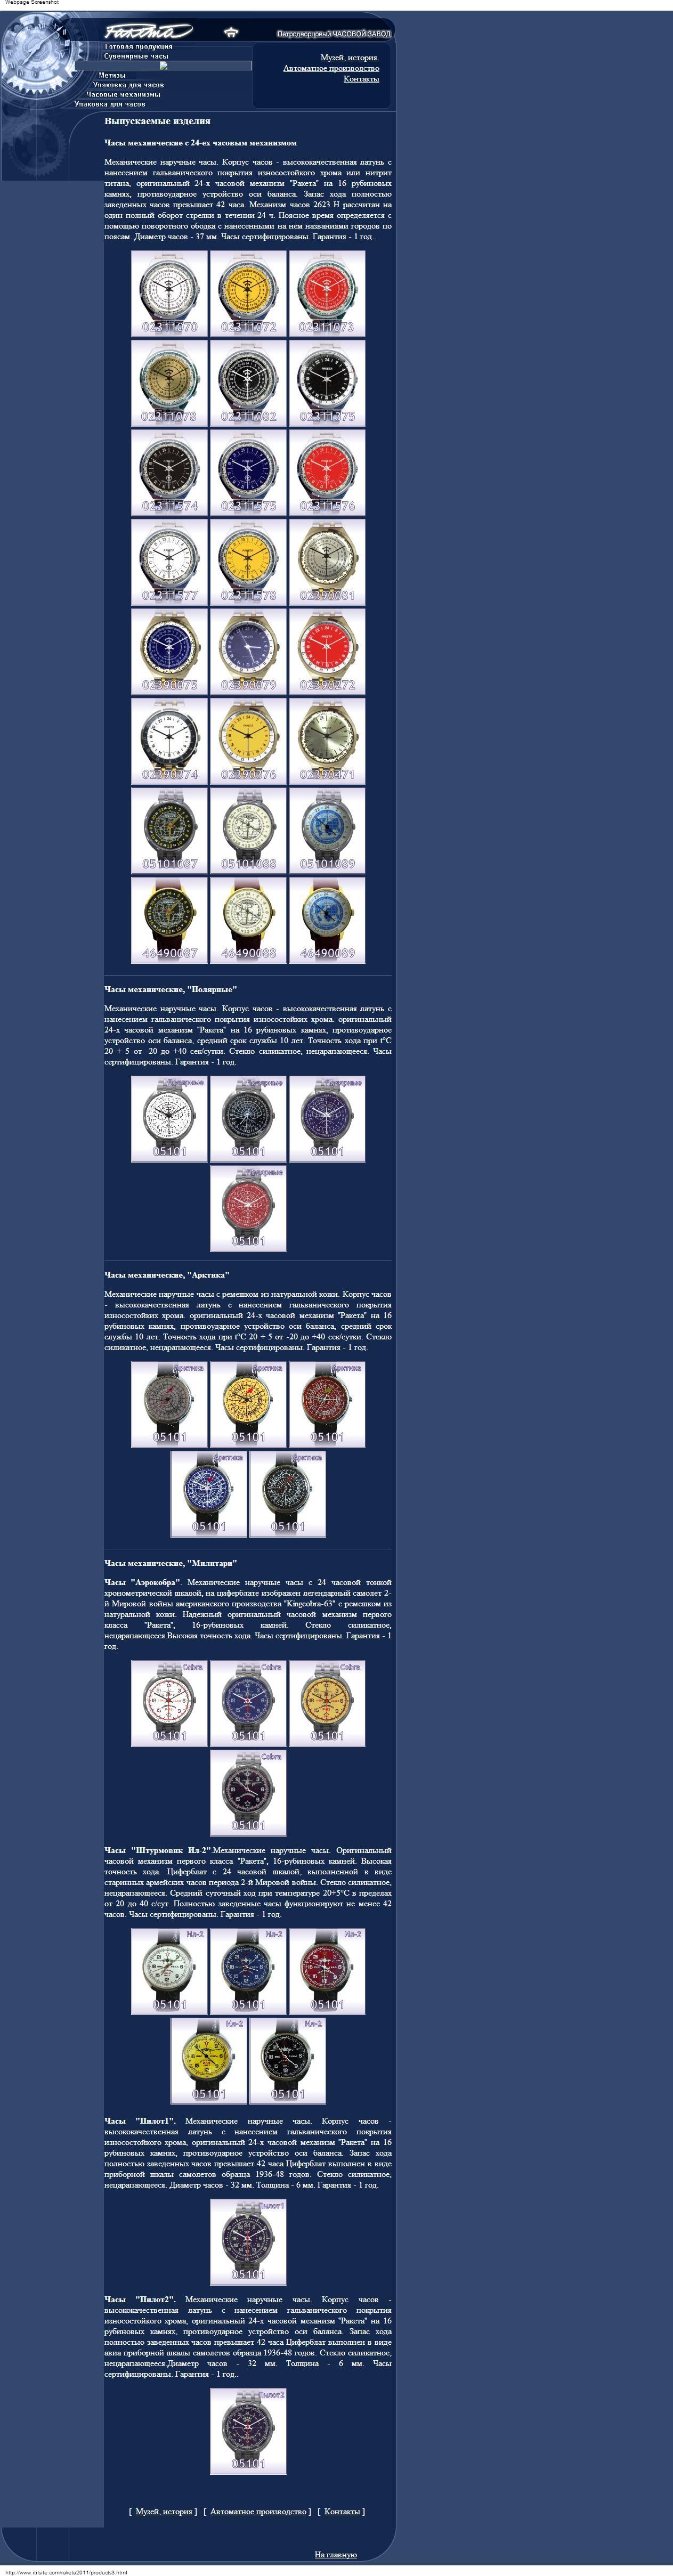 First RAKETA POLAR 24H sur FMR - Page 4 906438d1355657458-question-about-24-hr-polar-antarctica-watches-sold-online-raketa-132058